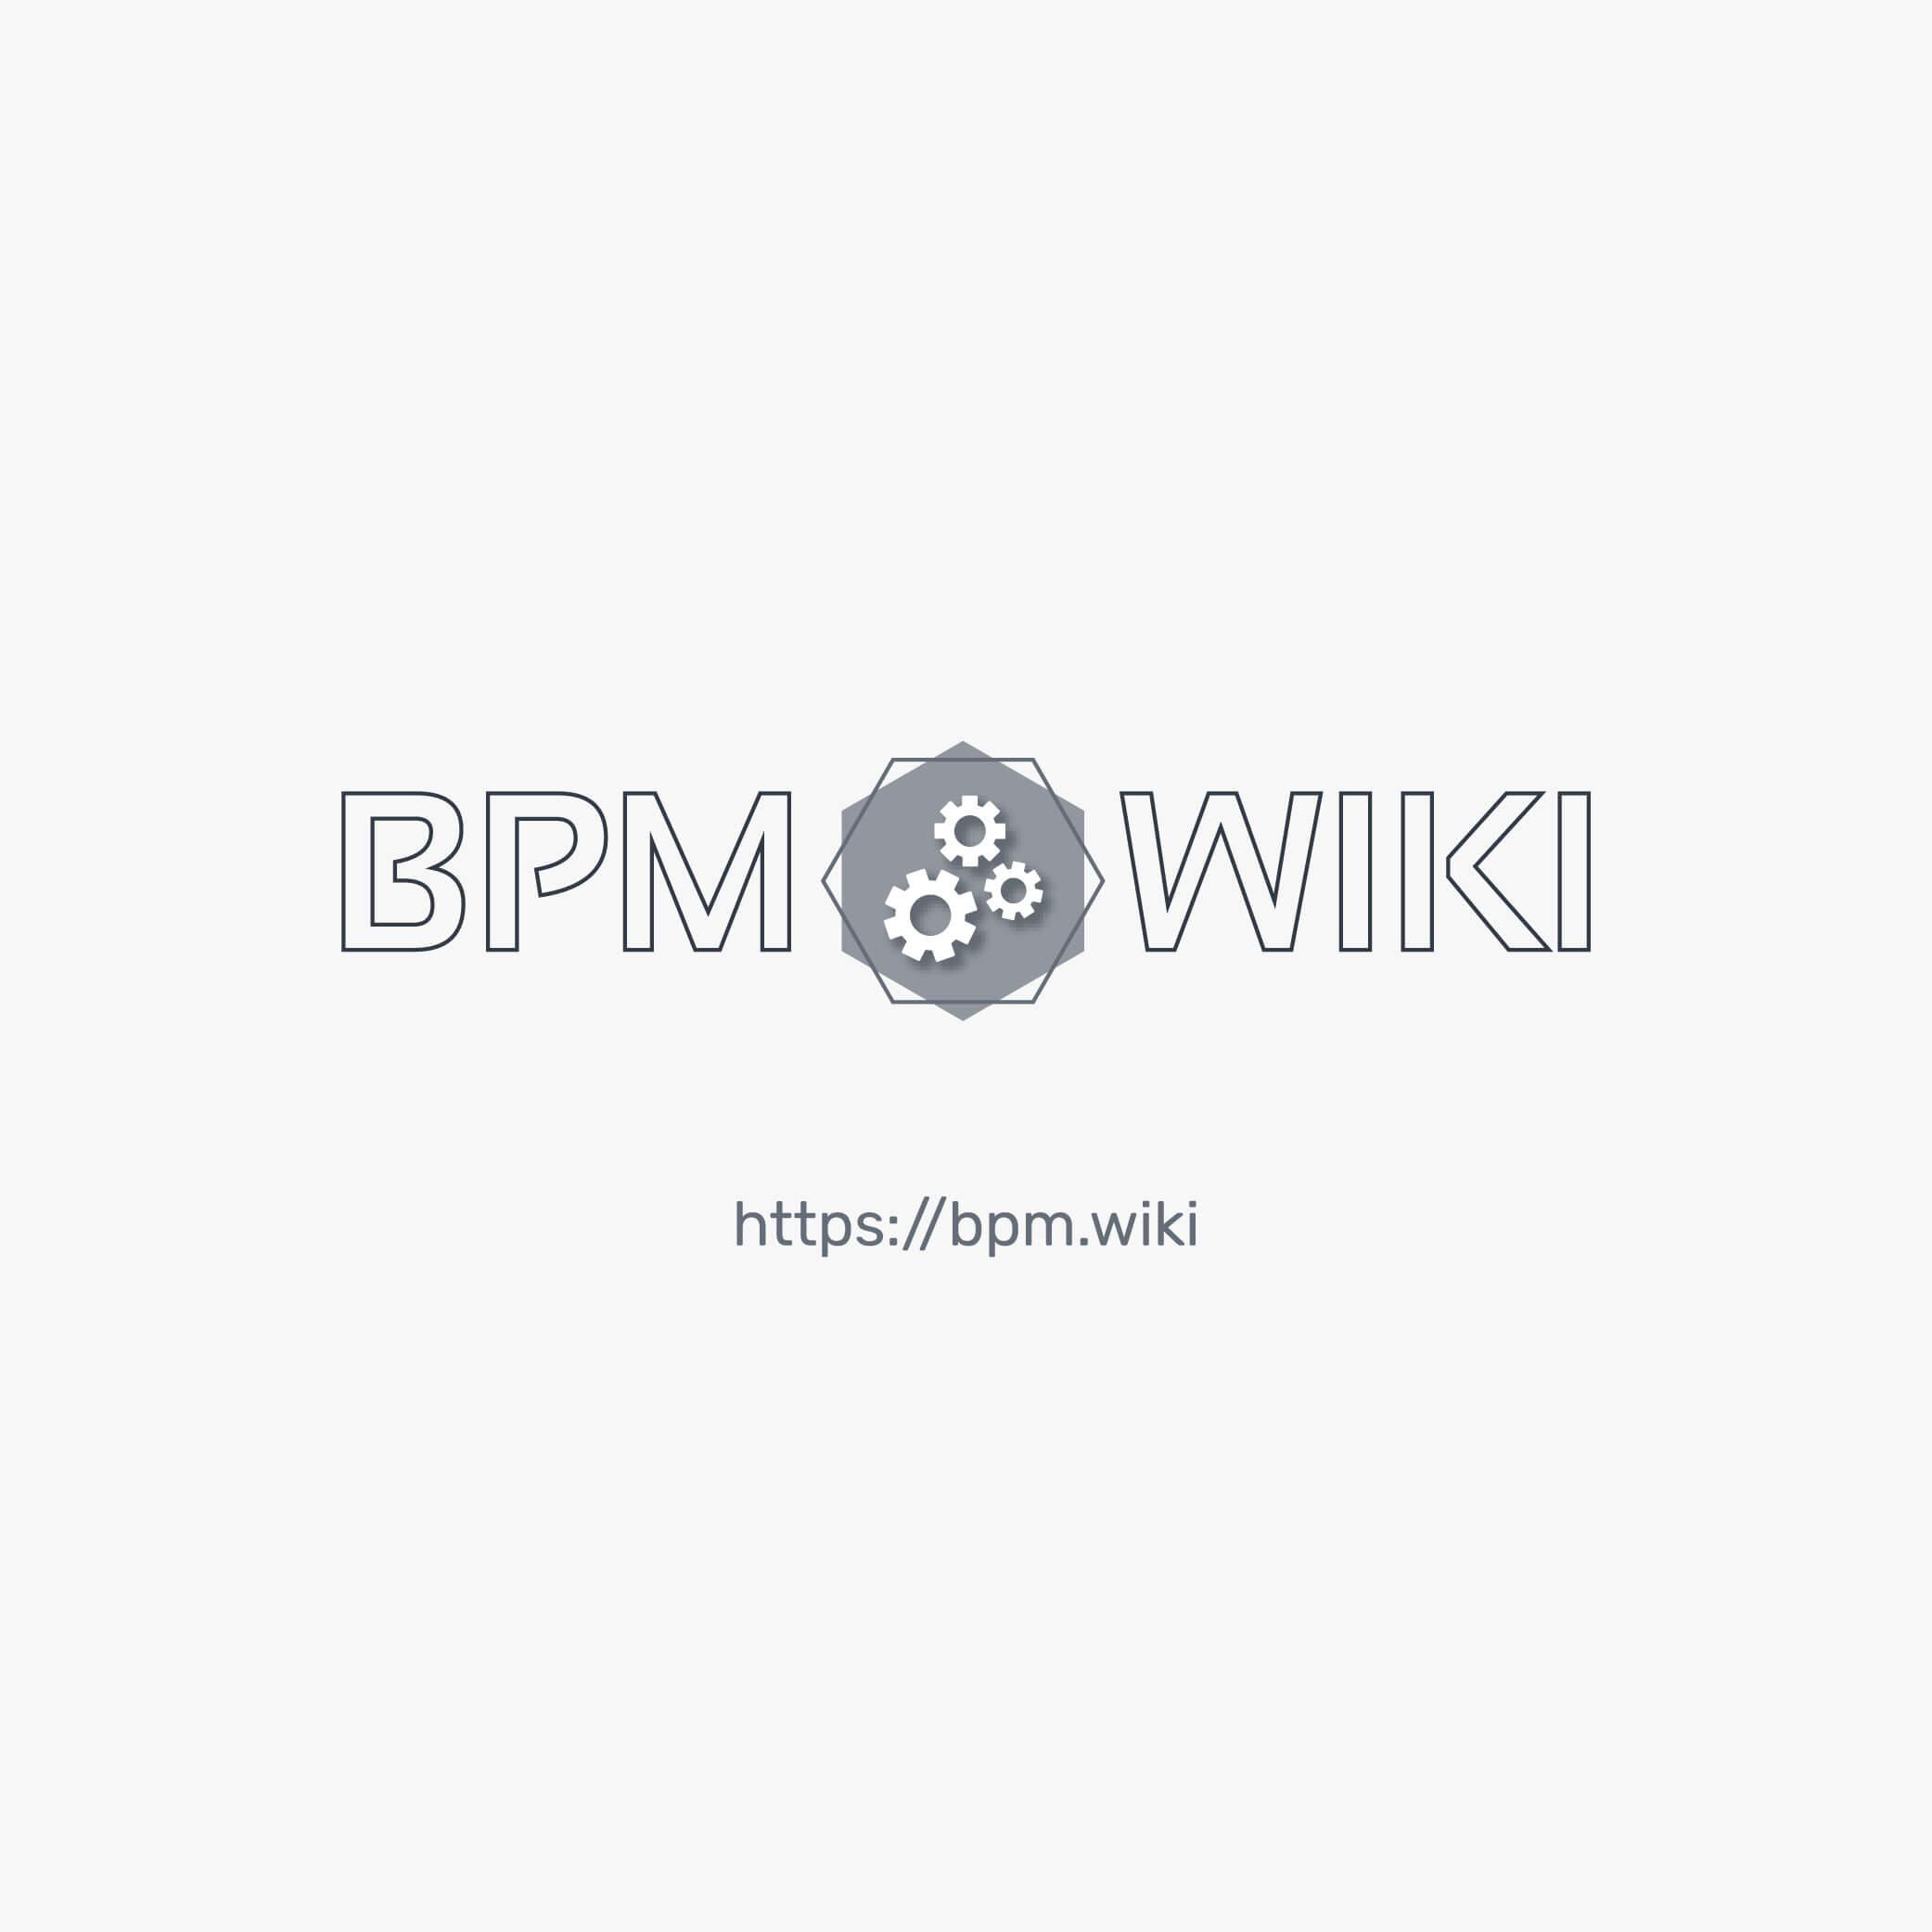 BPM.WIKI